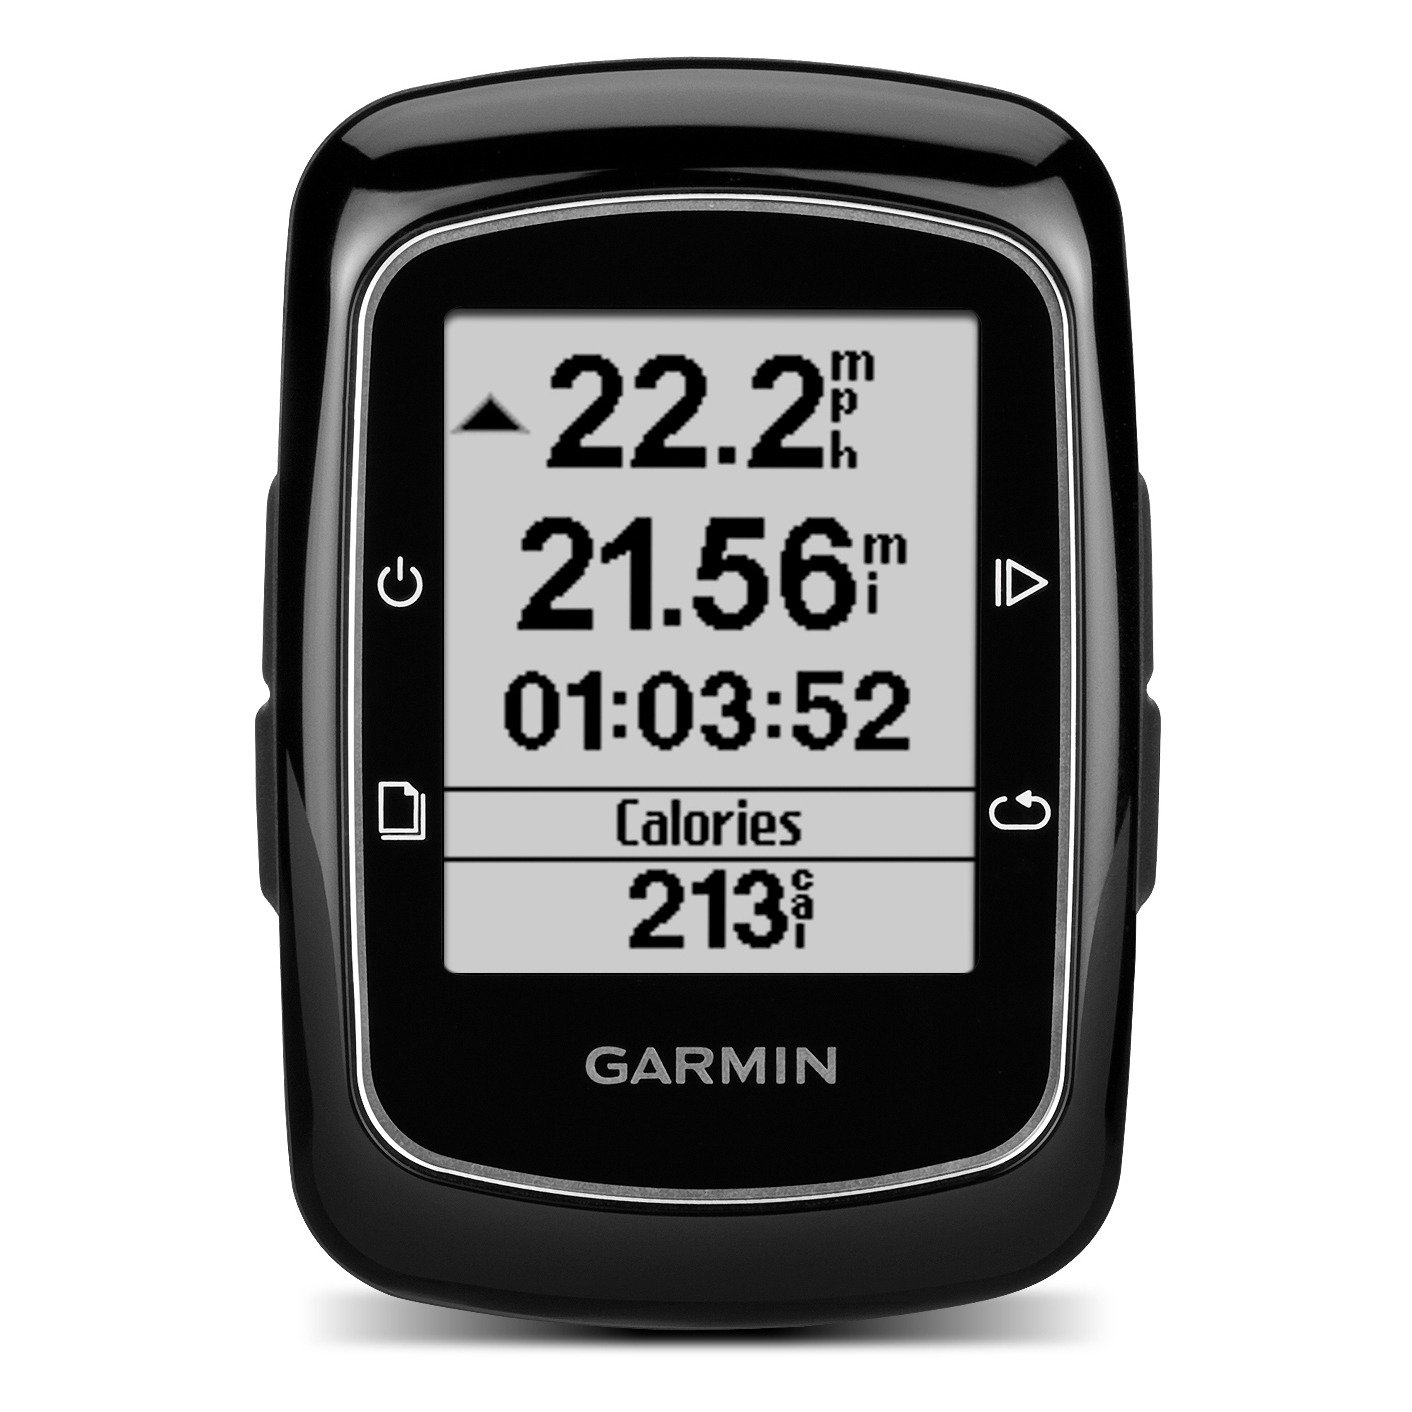 Garmin – Garmin edge 200 på billigsport24